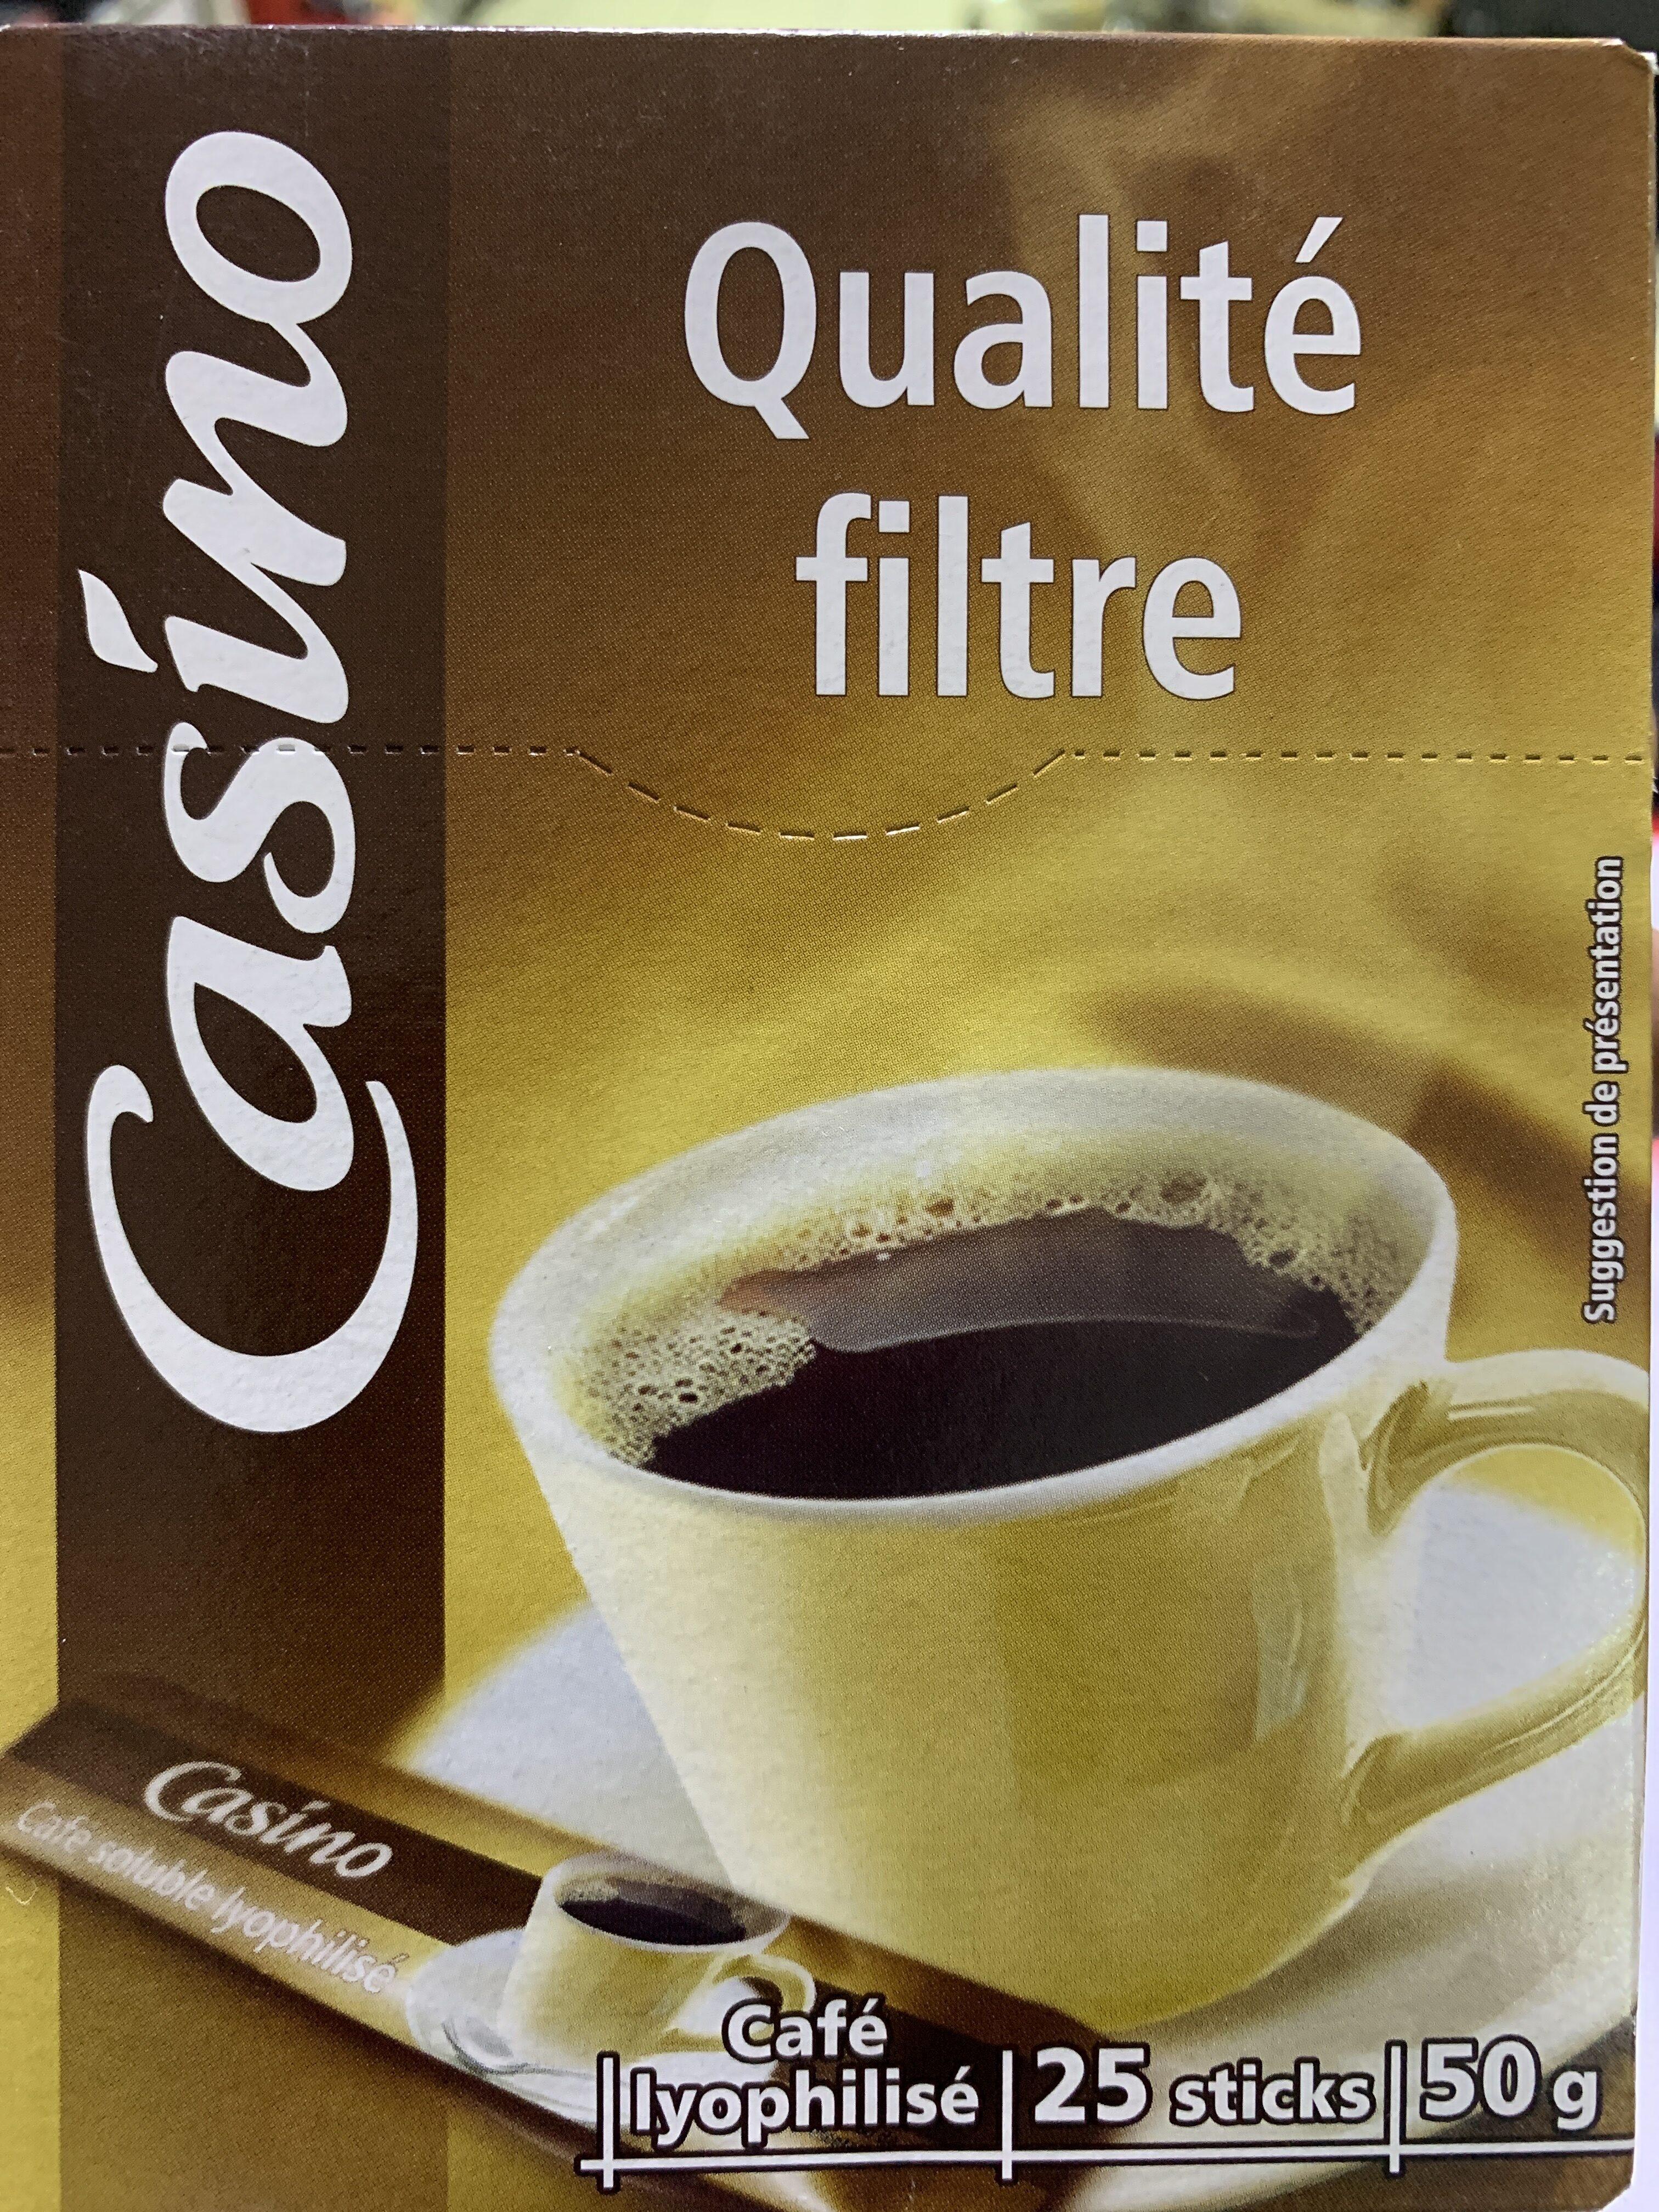 Café Qualité Filtre - Product - fr